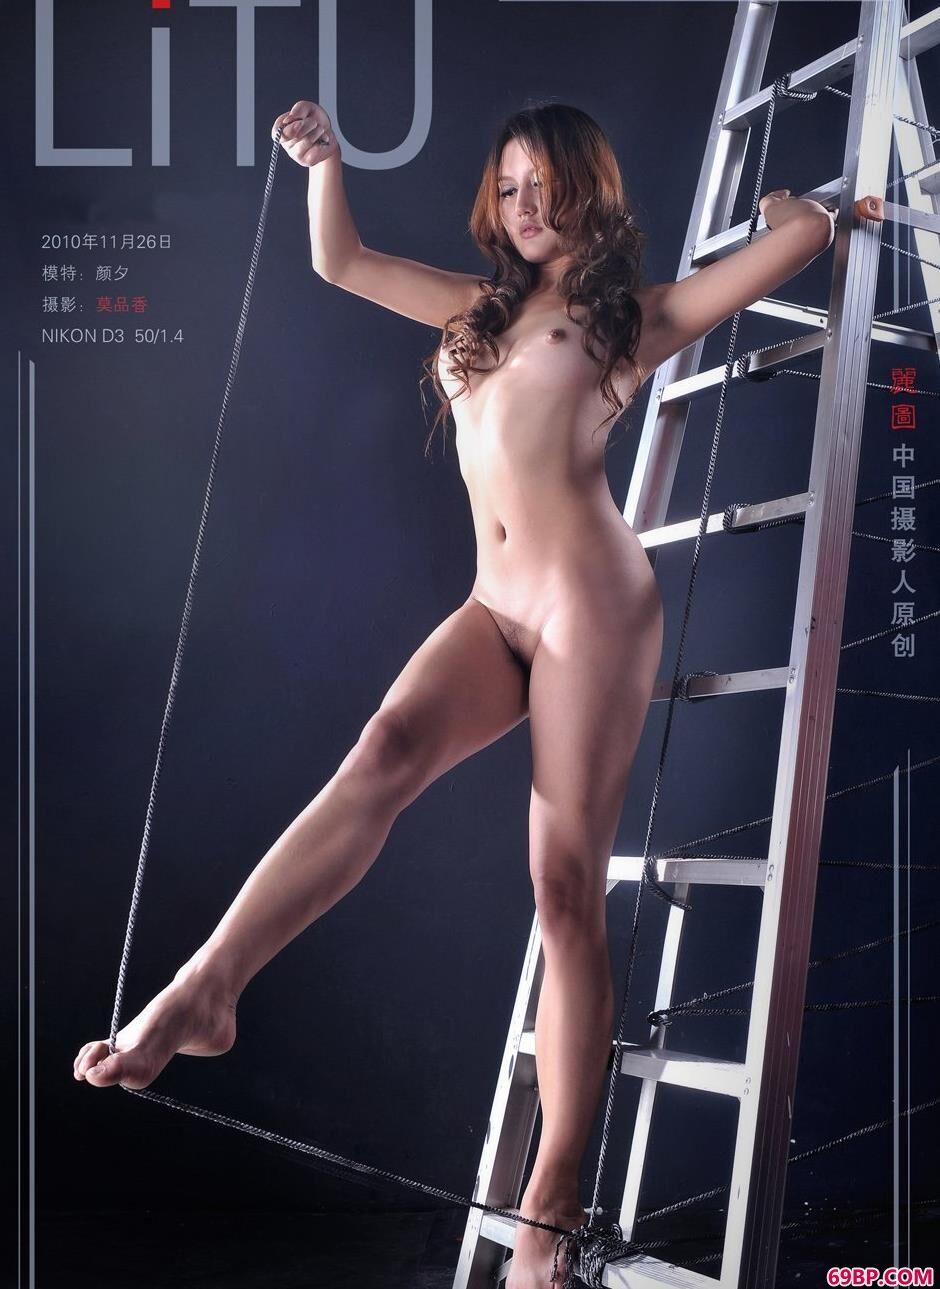 超模颜夕爬梯上的钢丝人体